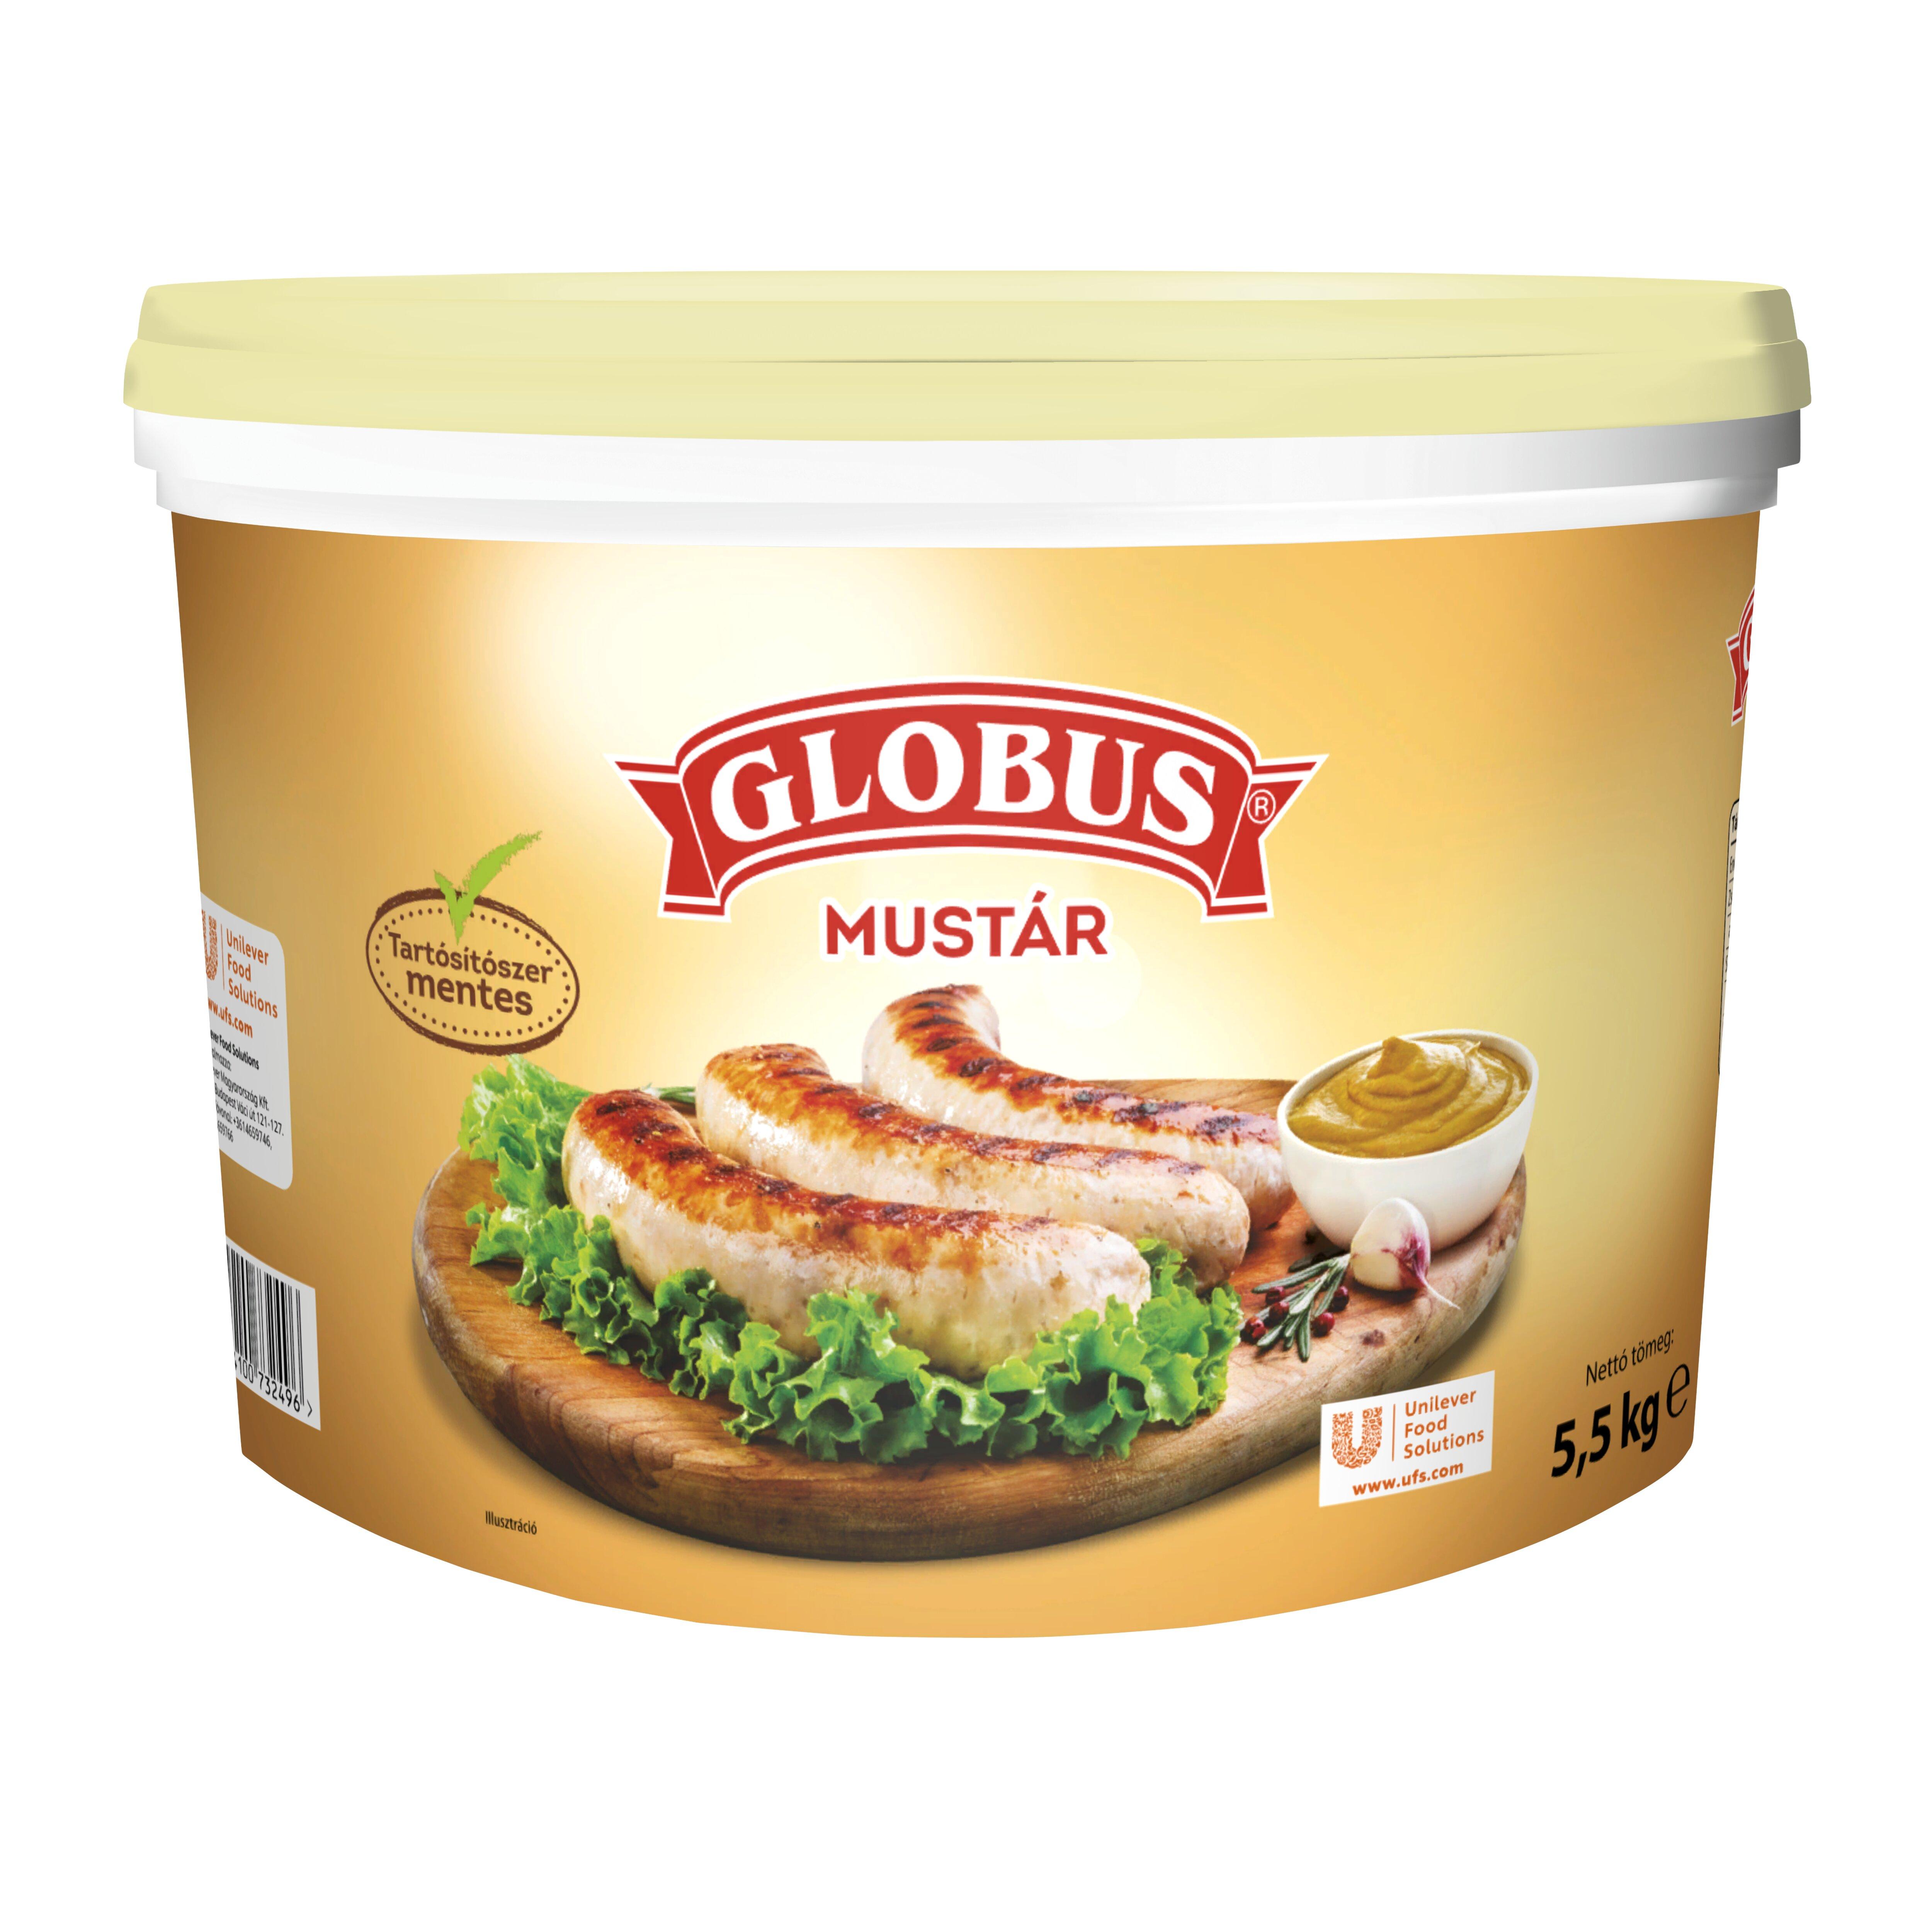 GLOBUS Mustár 5,5 kg -